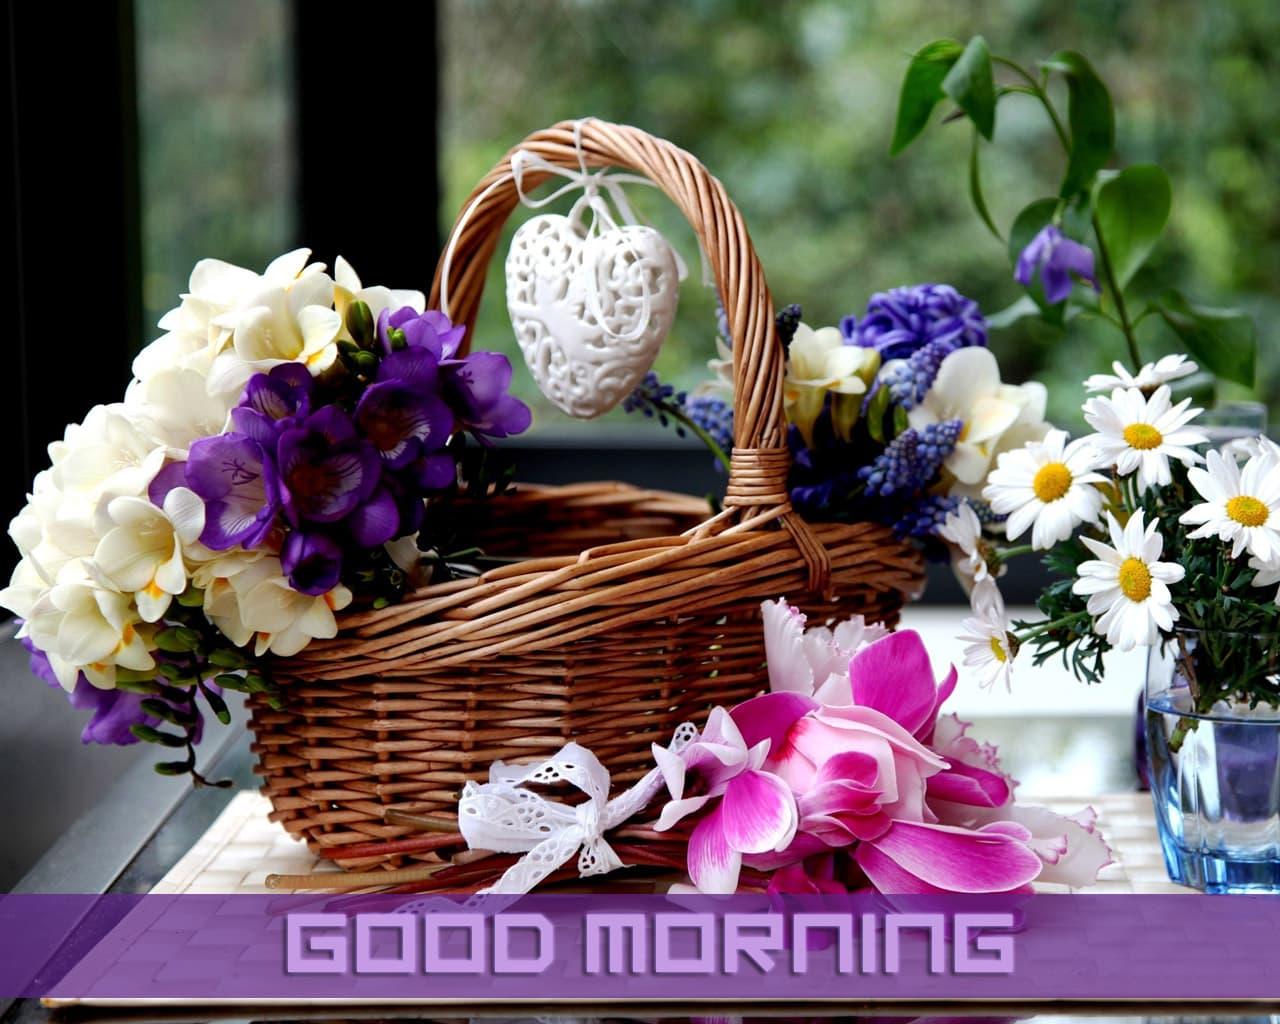 hình ảnh chúc buổi sáng